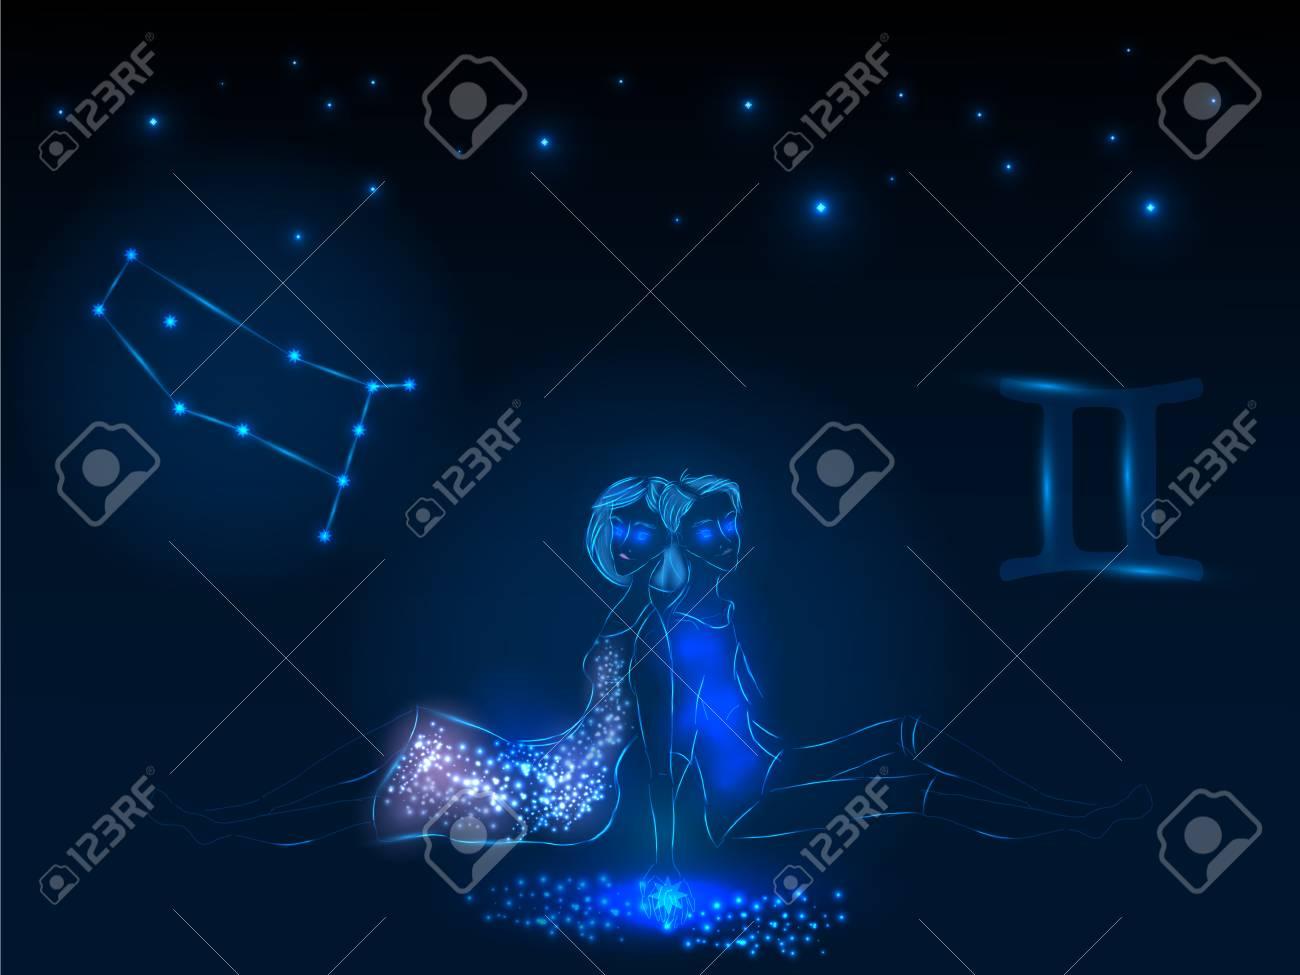 Vettoriale Segno Zodiacale Sul Cielo Stellato Simbolo Astrologico